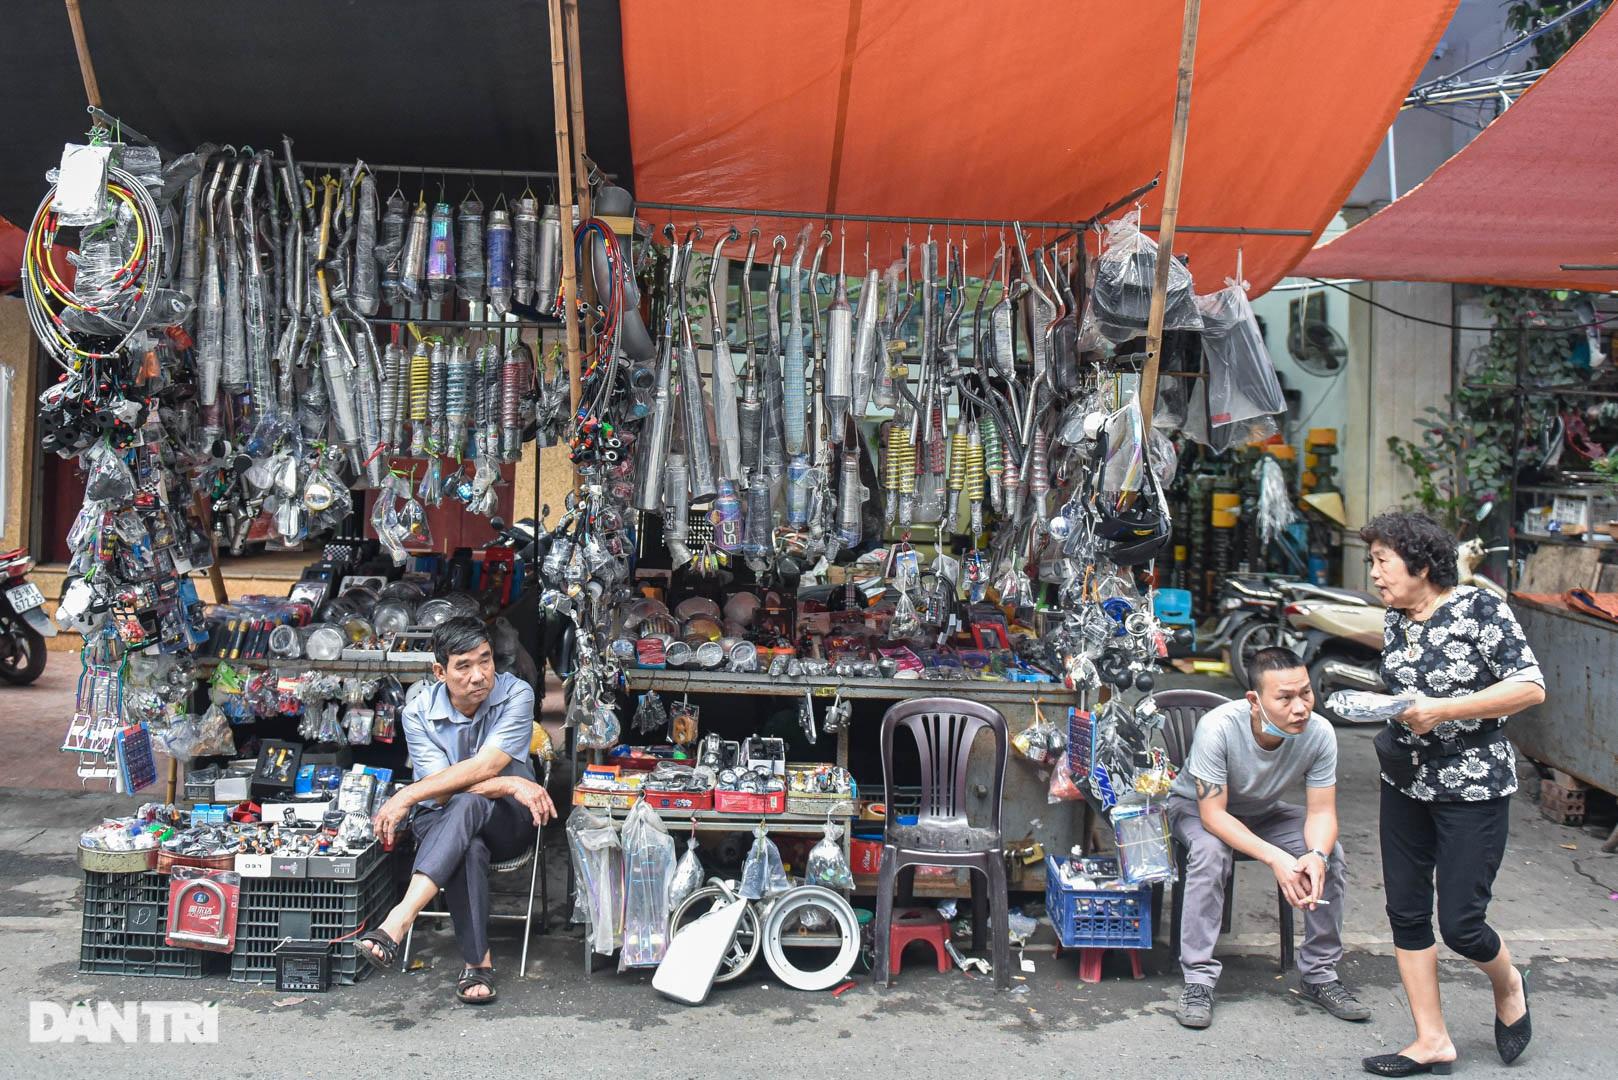 Khu chợ có cái tên độc, lạ bán đủ loại thượng vàng, hạ cám ở Hà Nội - 8